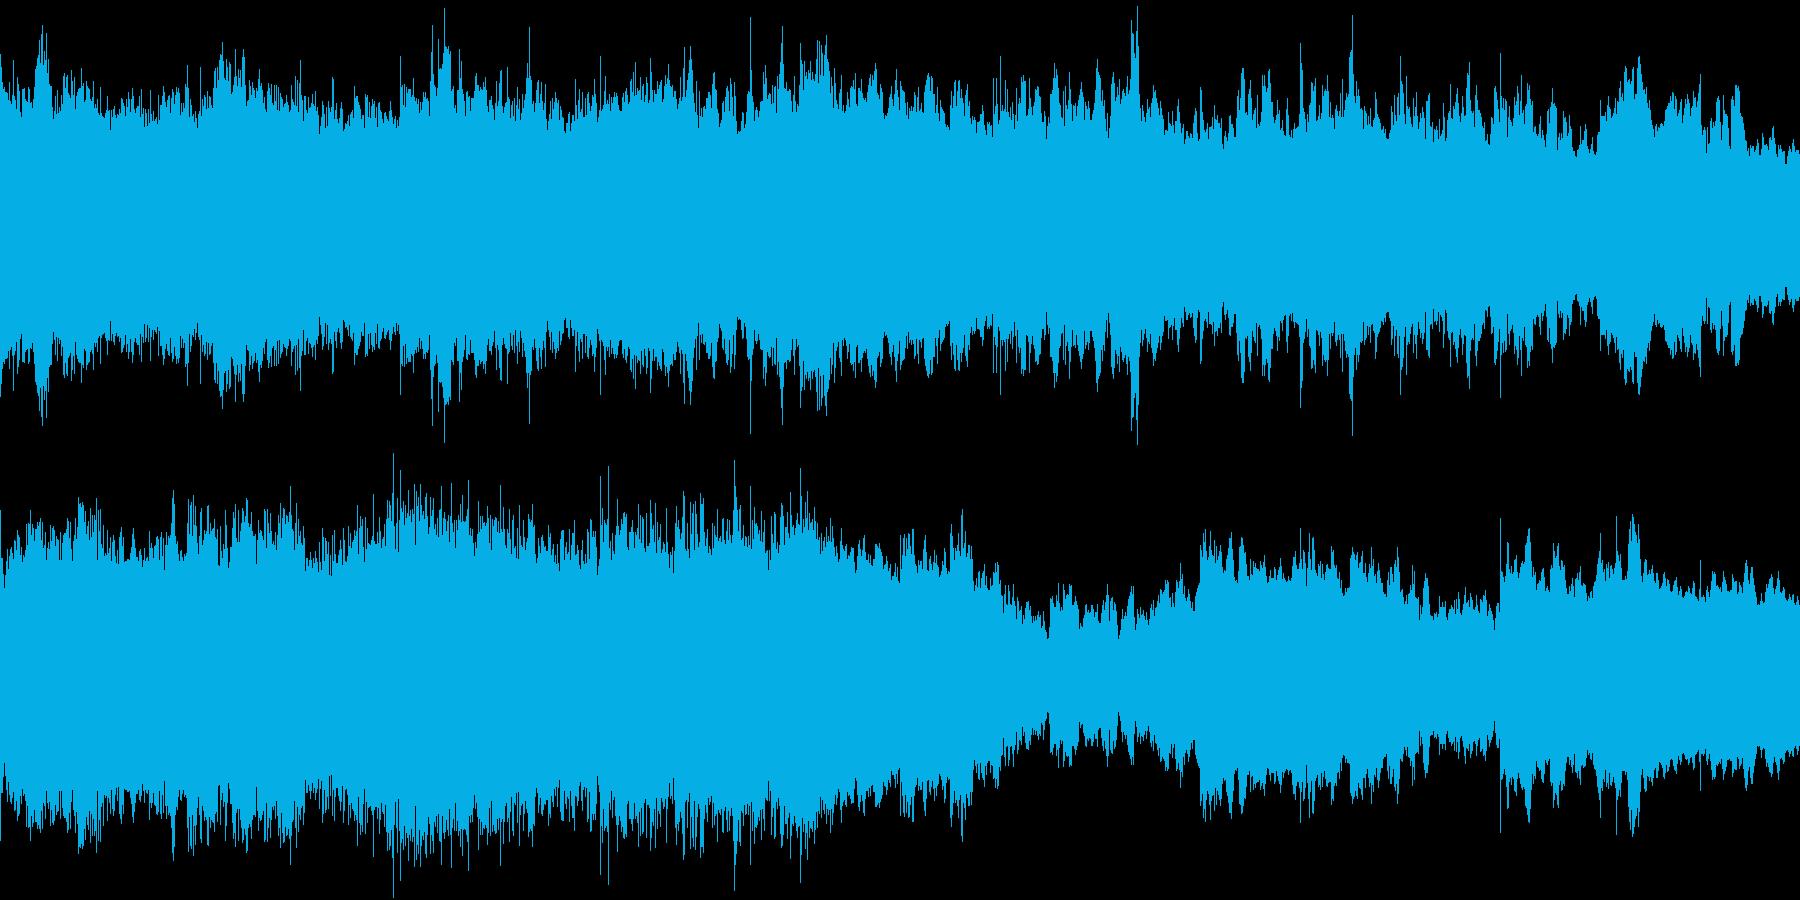 イルミネーションBGM②幻想的【ループ】の再生済みの波形